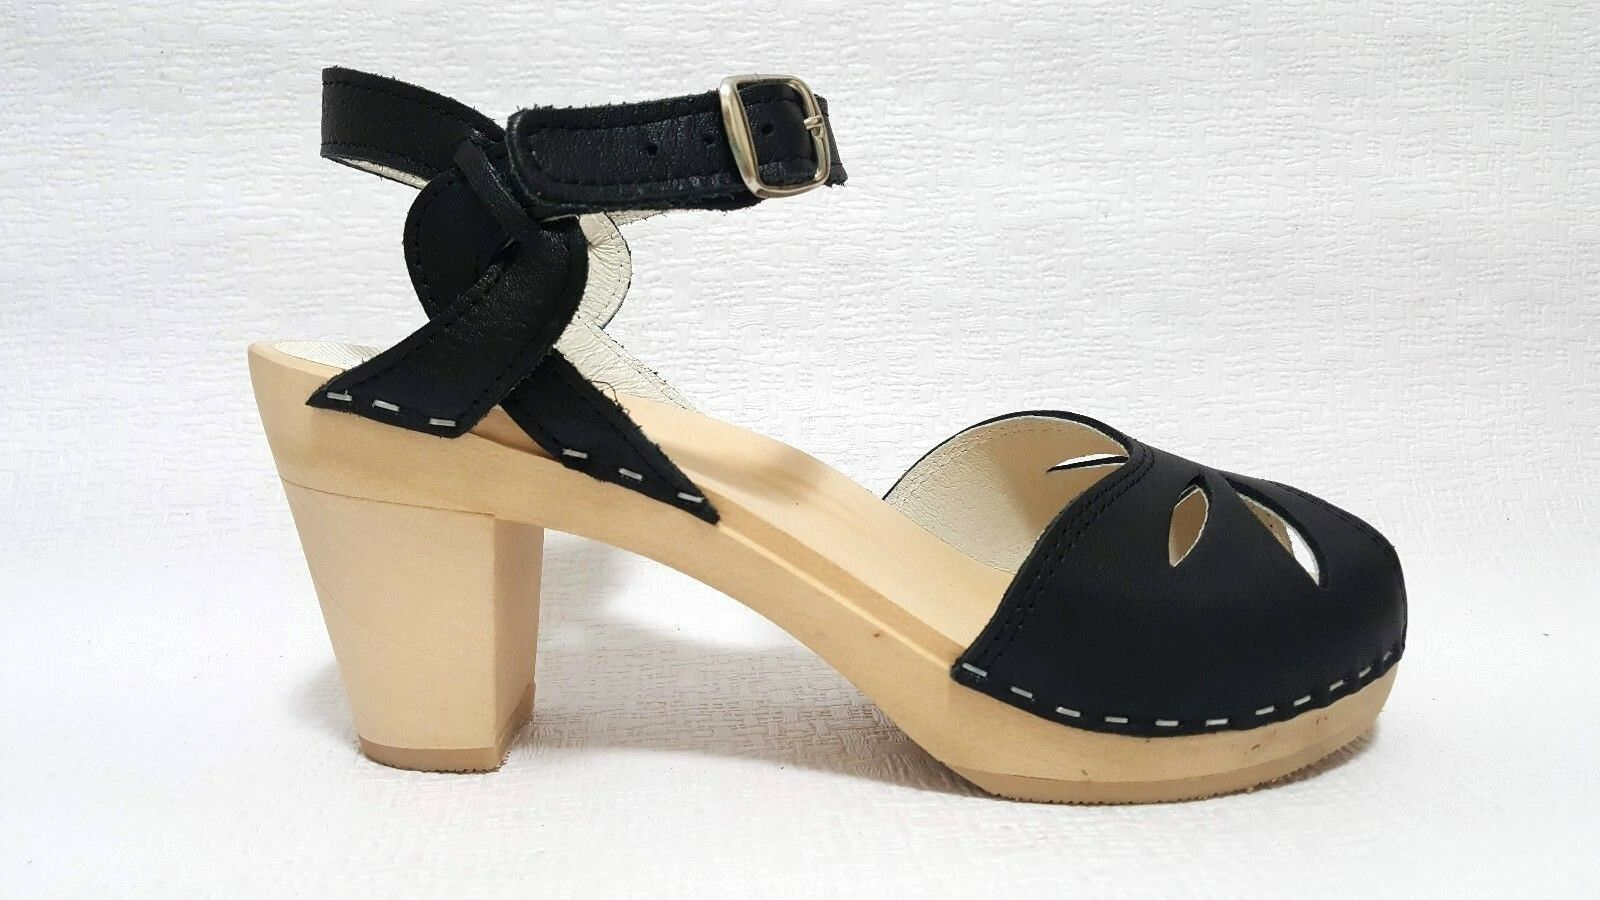 MAGUBA MAGUBA MAGUBA of SWEDEN Rio donna CLOGS WOODEN SANDALS scarpe nero Dimensione 40 acc061